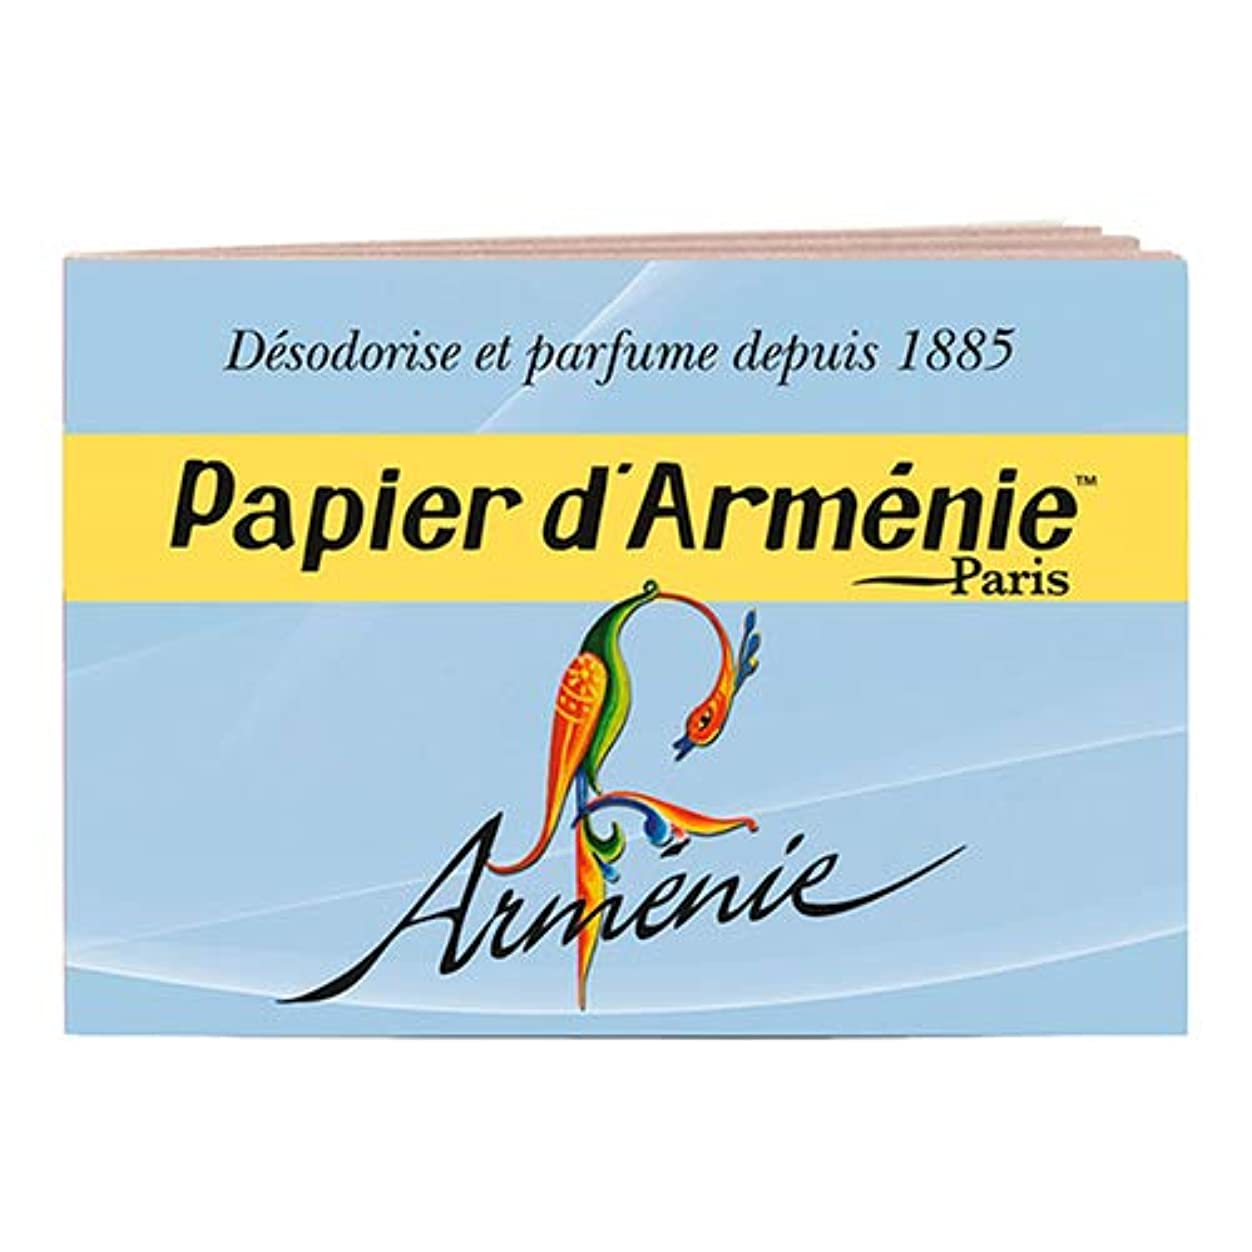 透明に望ましい開発パピエダルメニイ トリプル (青) 1冊(1シート3回分×12枚/36回分) アルメニイ(アニー) 紙のお香 インセンス PAPIER D'ARMENIE [並行輸入品]